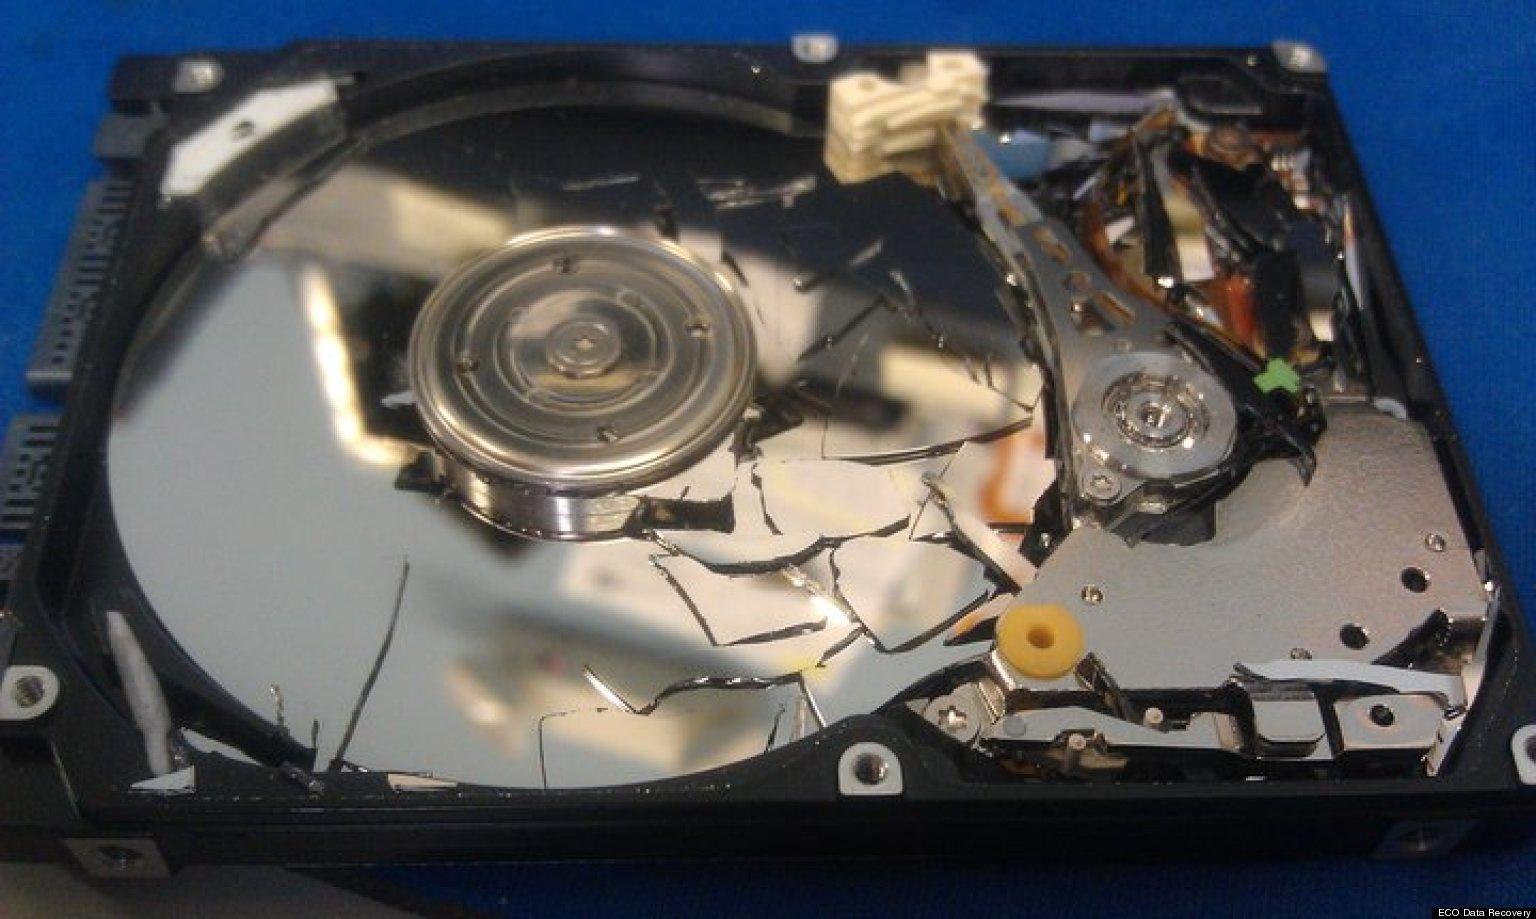 Chống phân mảnh ổ cứng Defragment Windows 10 cực nhanh